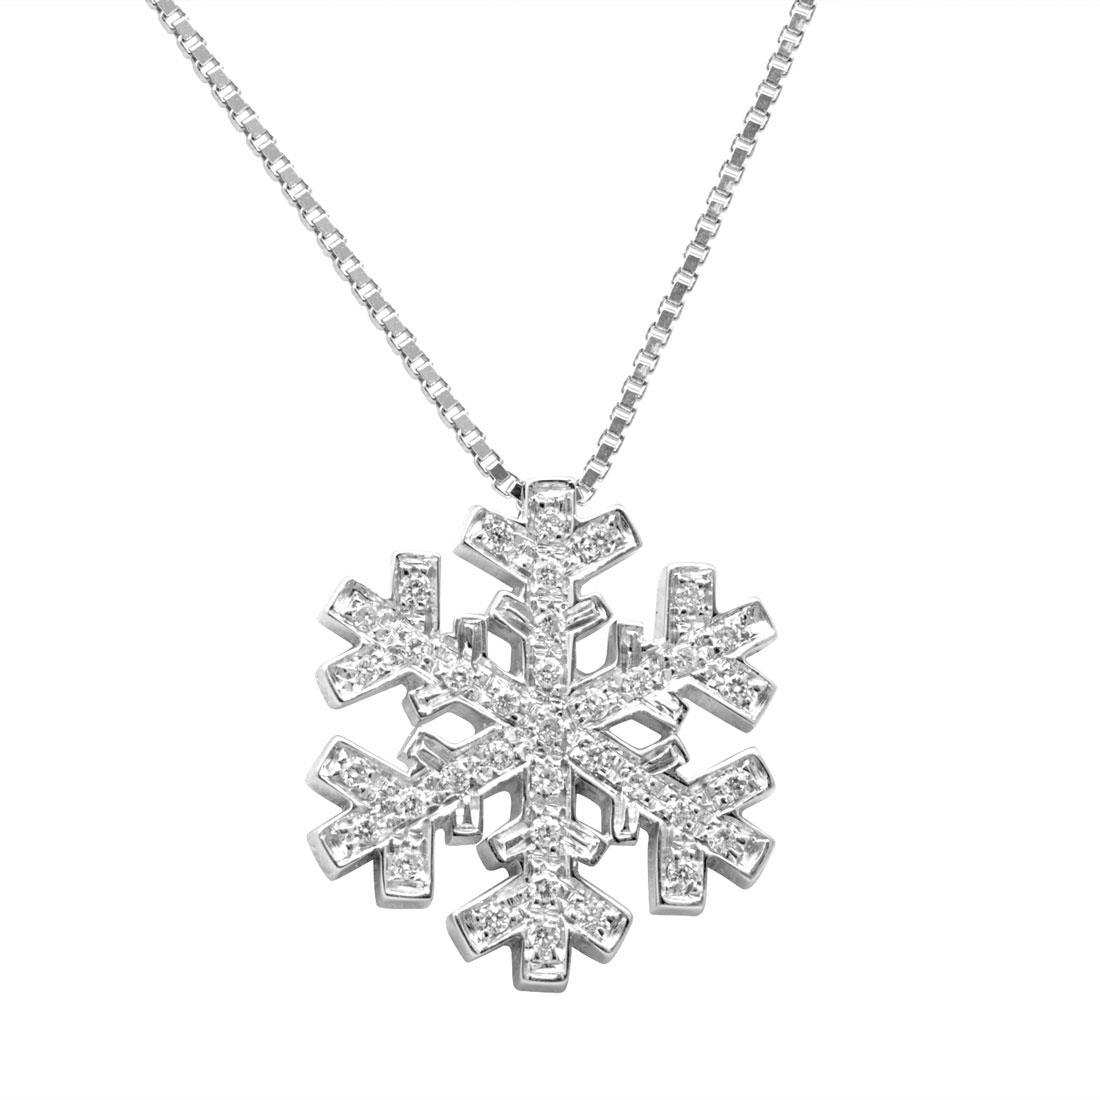 Collana in oro bianco pendente a forma di fiocco di neve con diamanti ct 0.19 - SALVINI